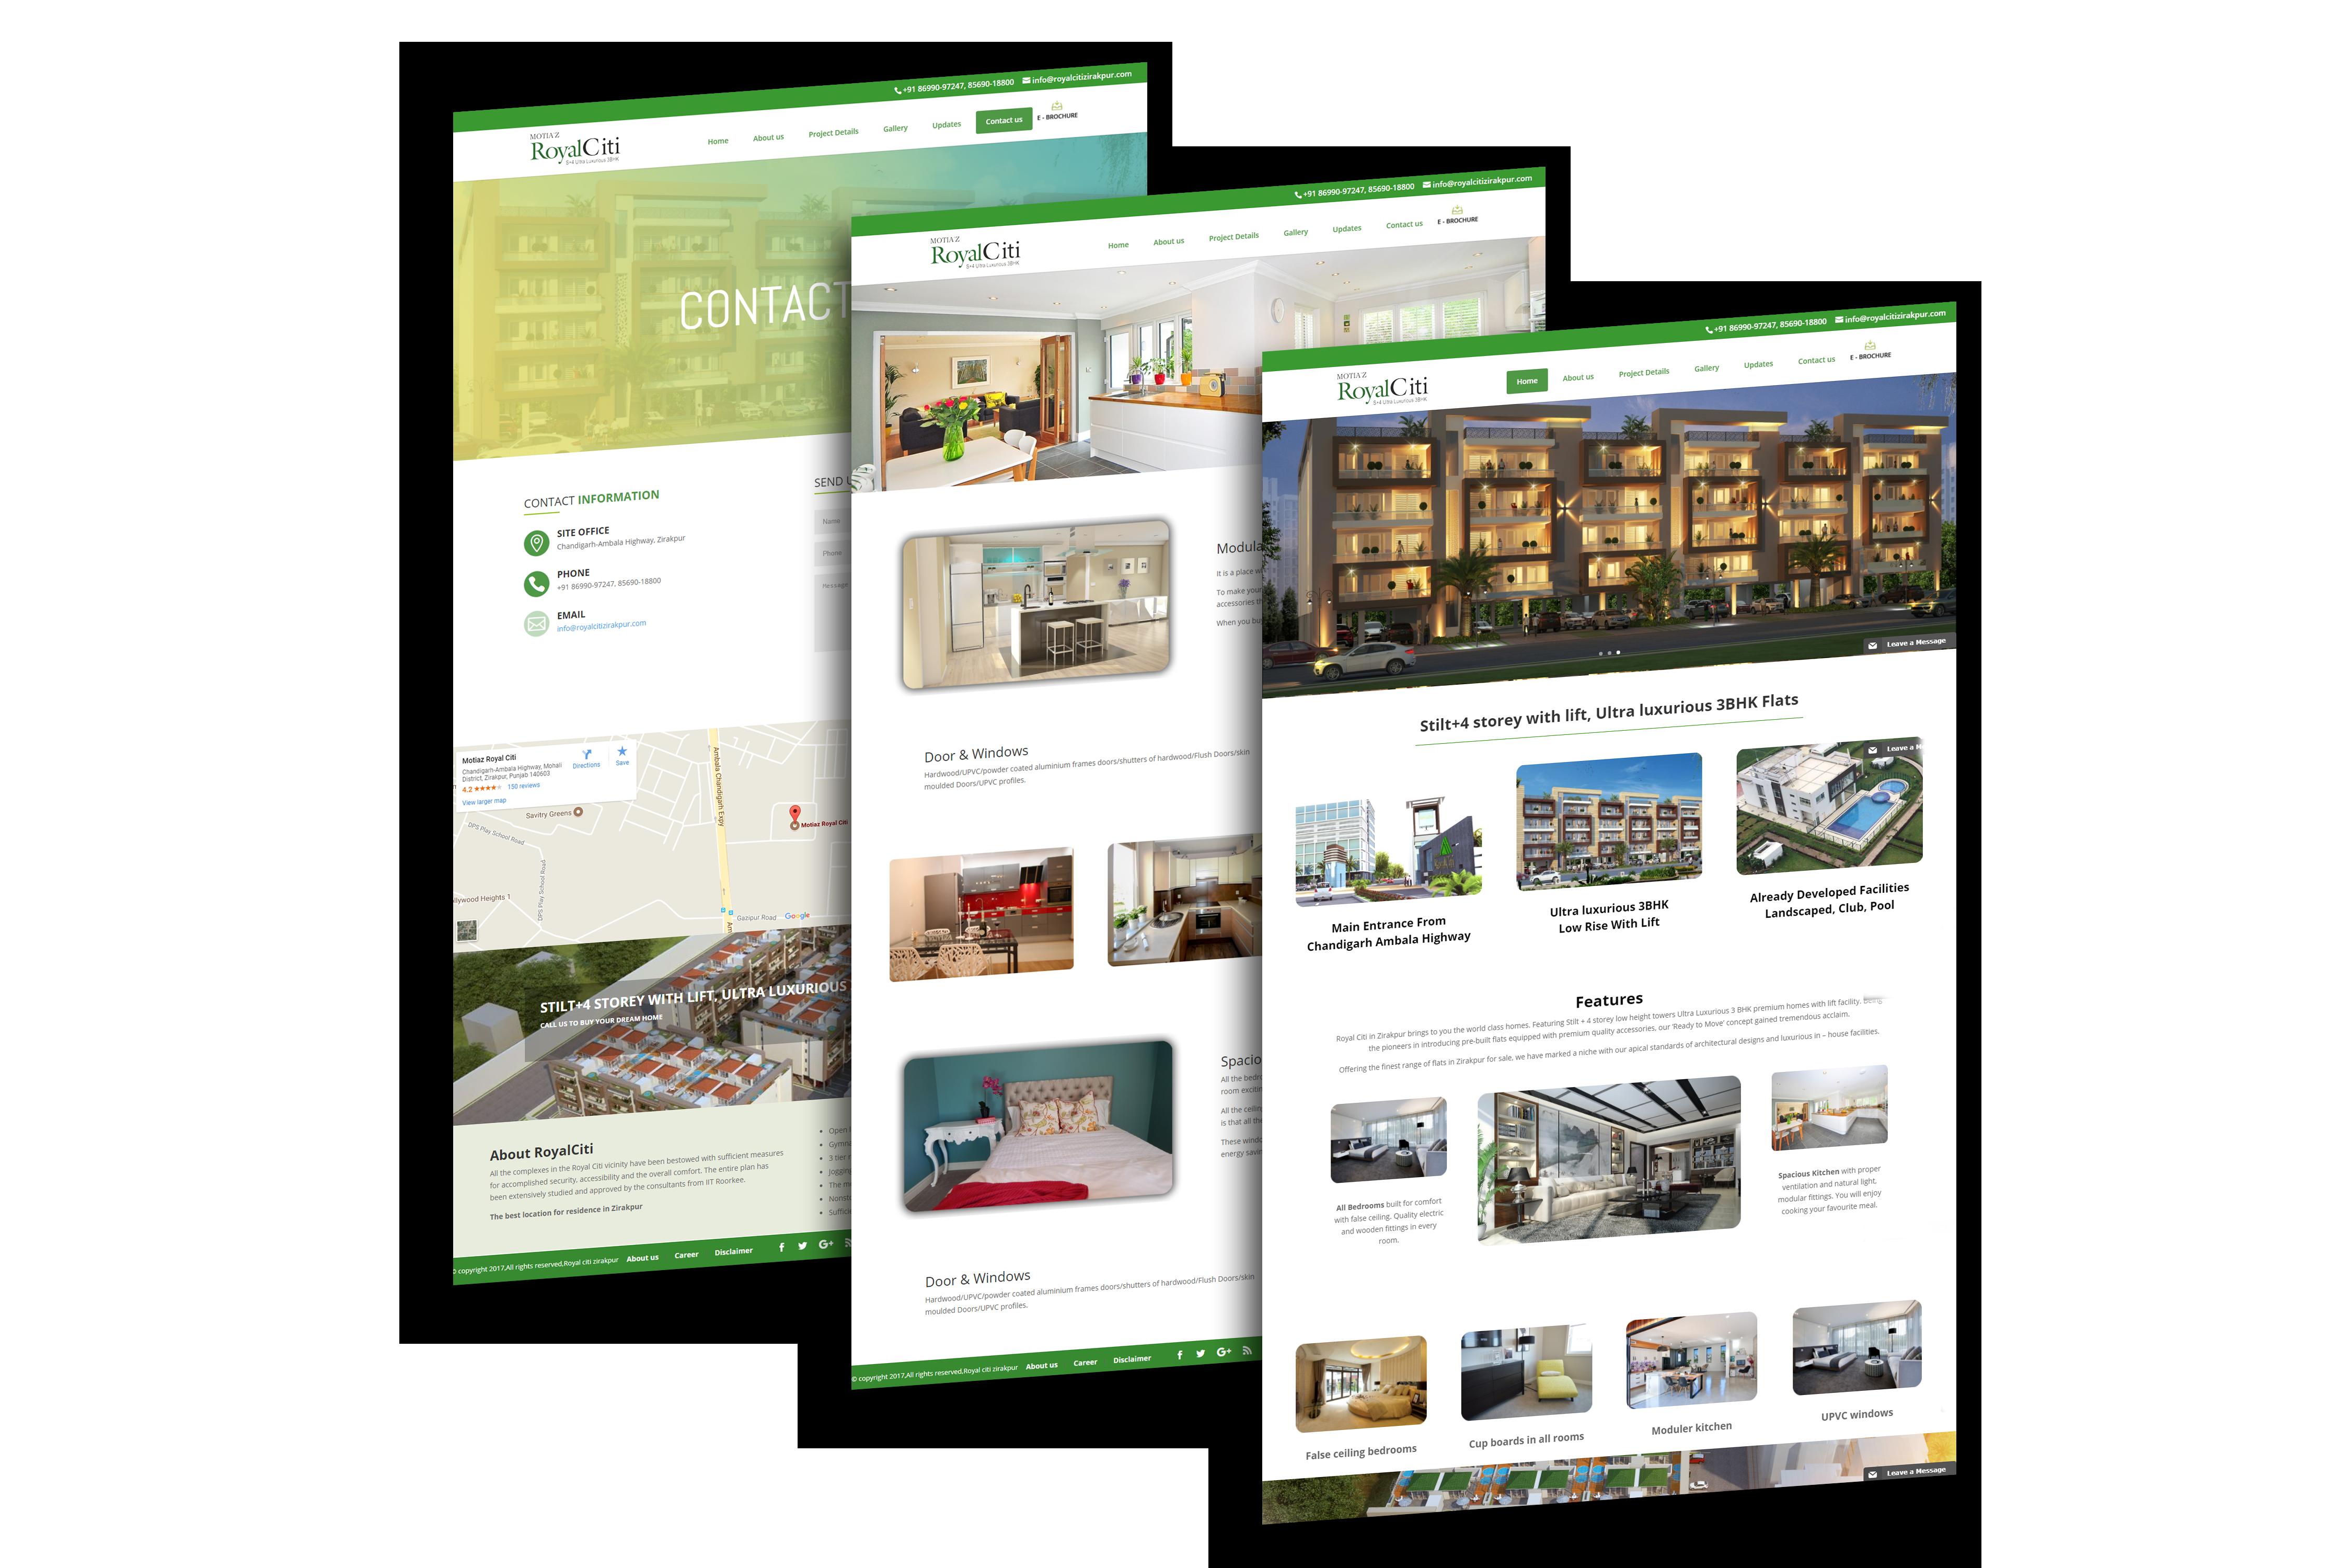 Royal Citi Zirakpur - Website built by VertiDesk